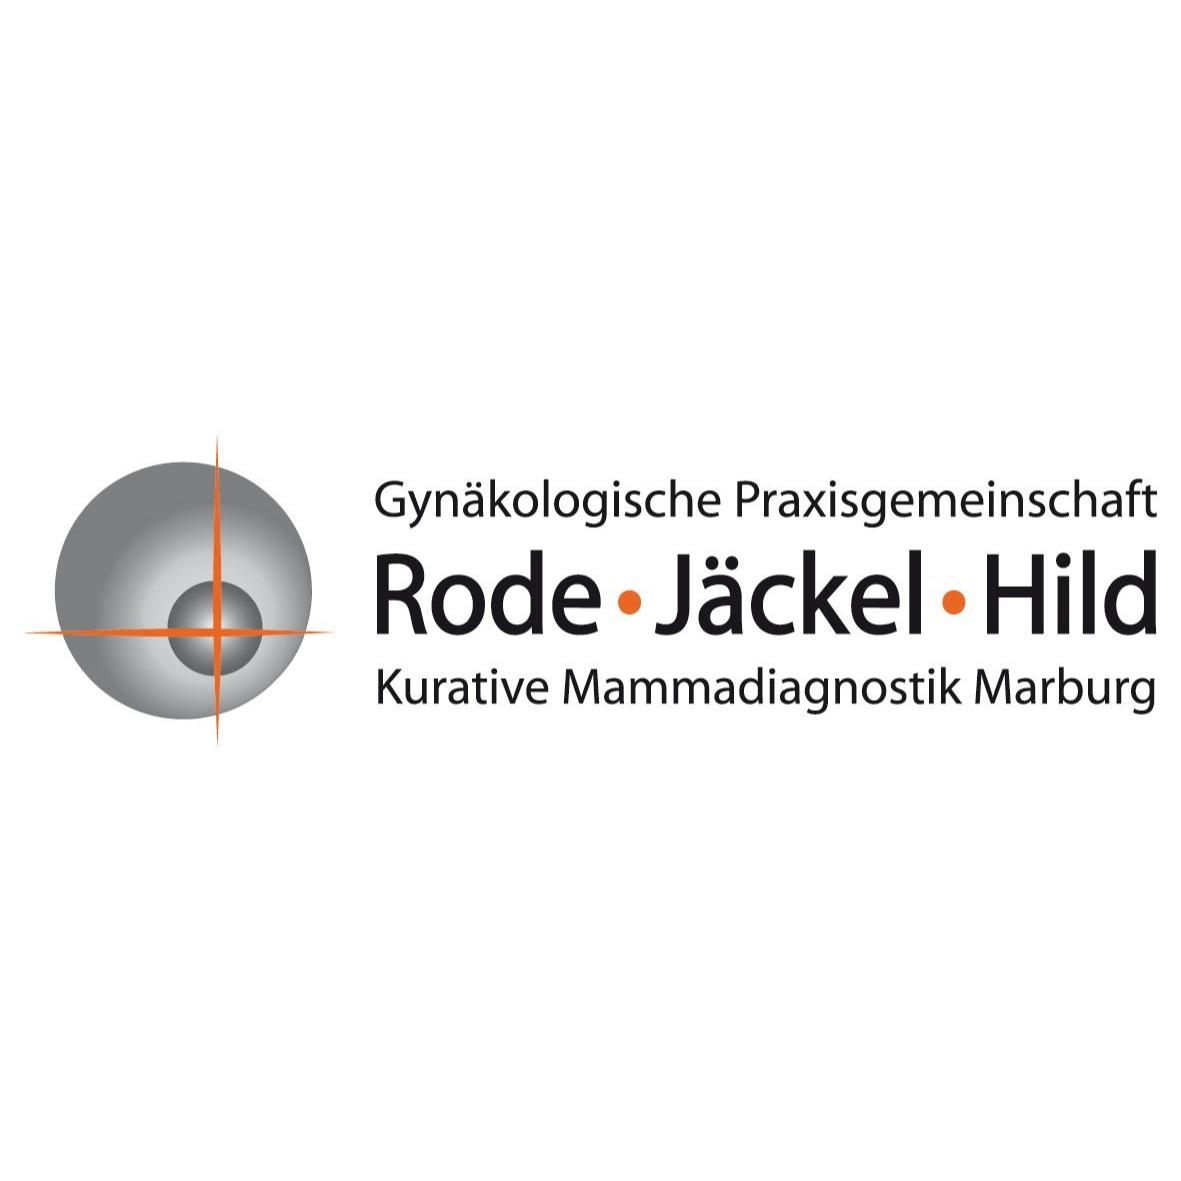 Bild zu Drs. Rode/Jäckel/Hild - Schwerpunktpraxis für kurative Mammadiagnostik Marburg in Marburg